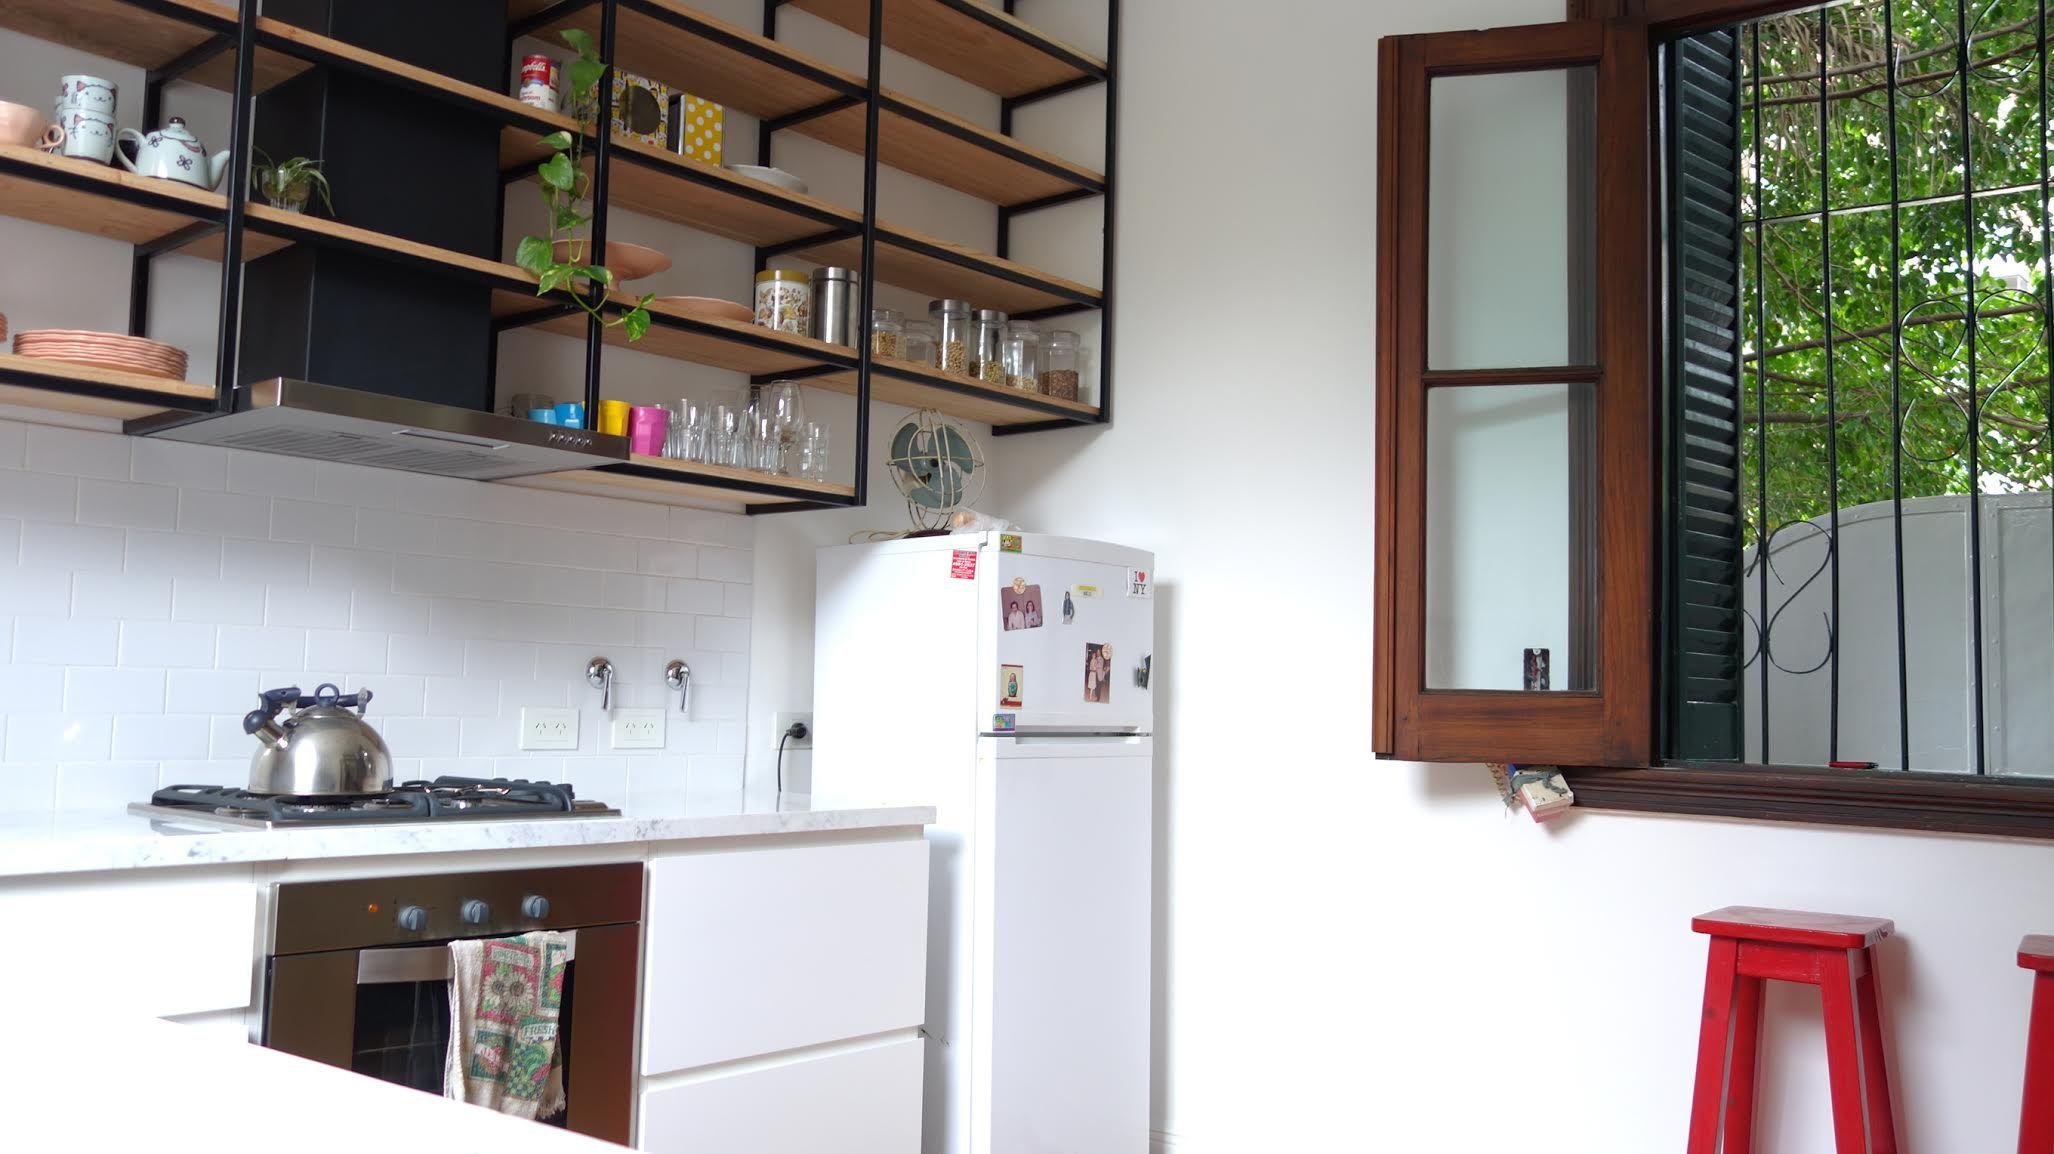 Cocina con mueble laqueado y alacena metalica colgante con for Racholas cocina